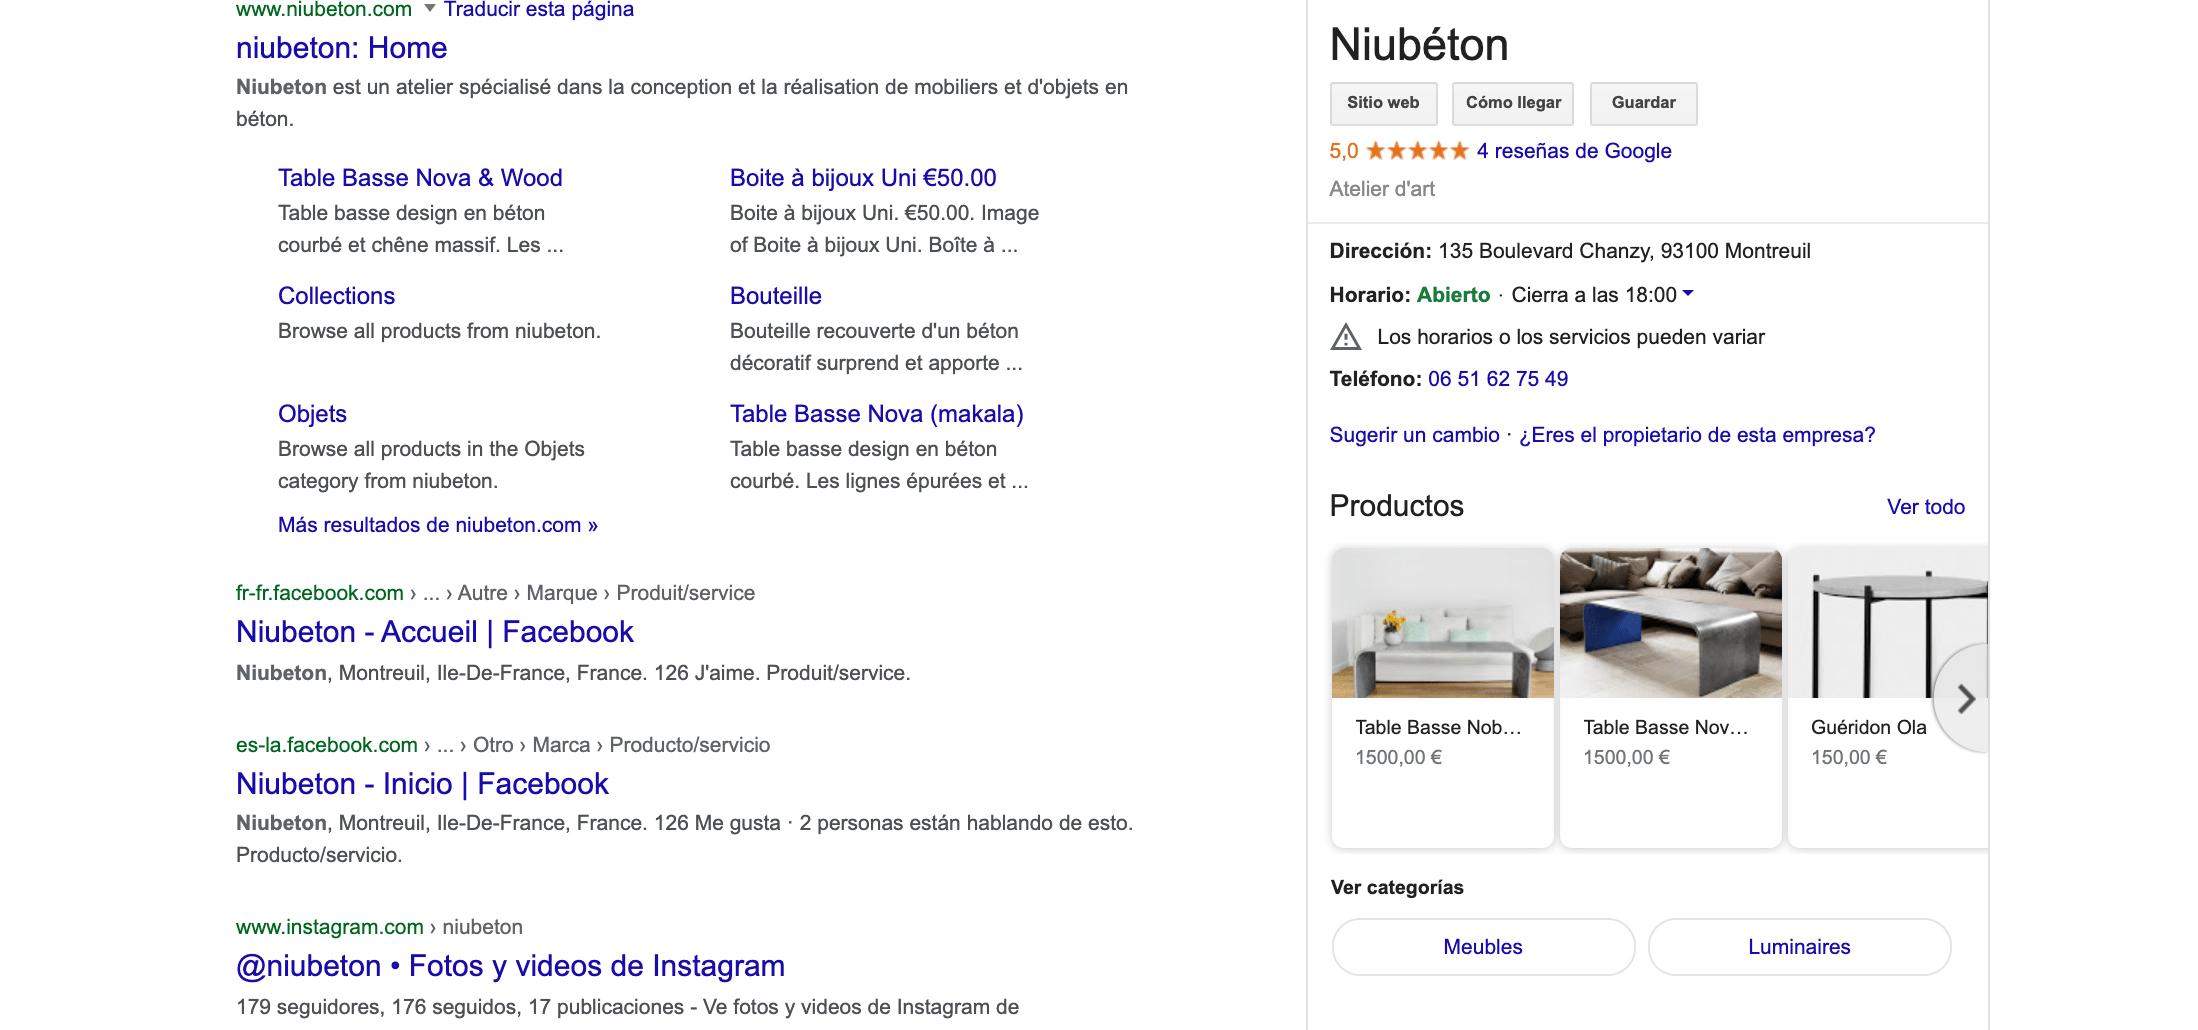 resultado de búsqueda de tienda de muebles junto con productos disponibles en tienda